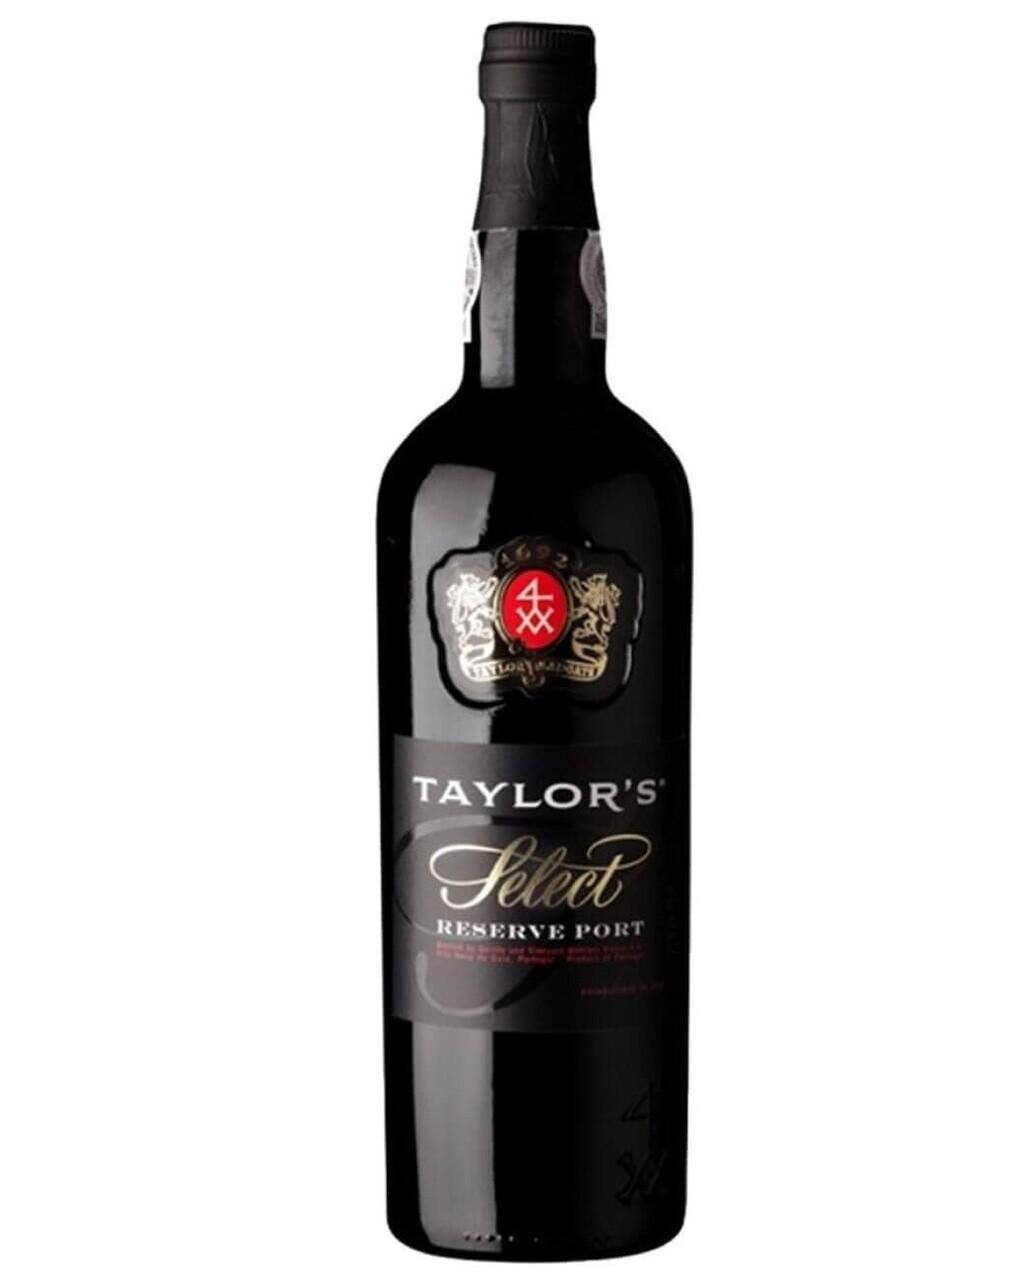 Taylor's Select Reserve Vin de Porto